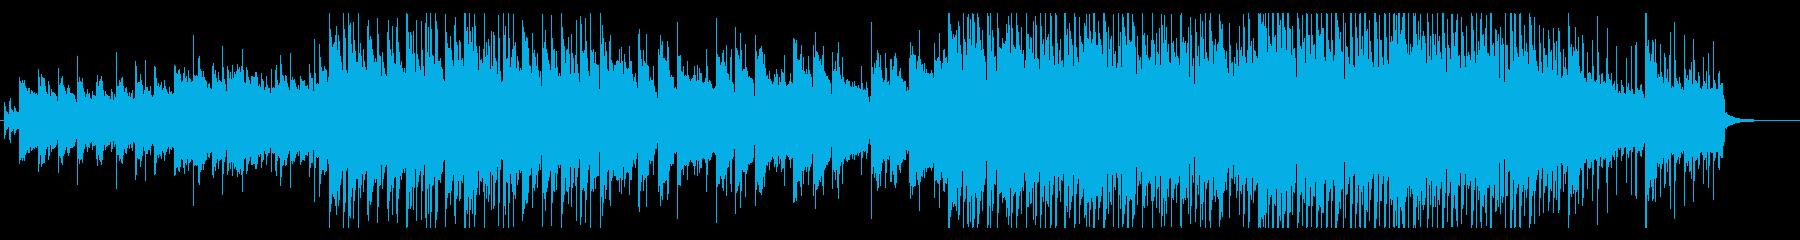 和風と中国風のエモーショナルなBGMの再生済みの波形